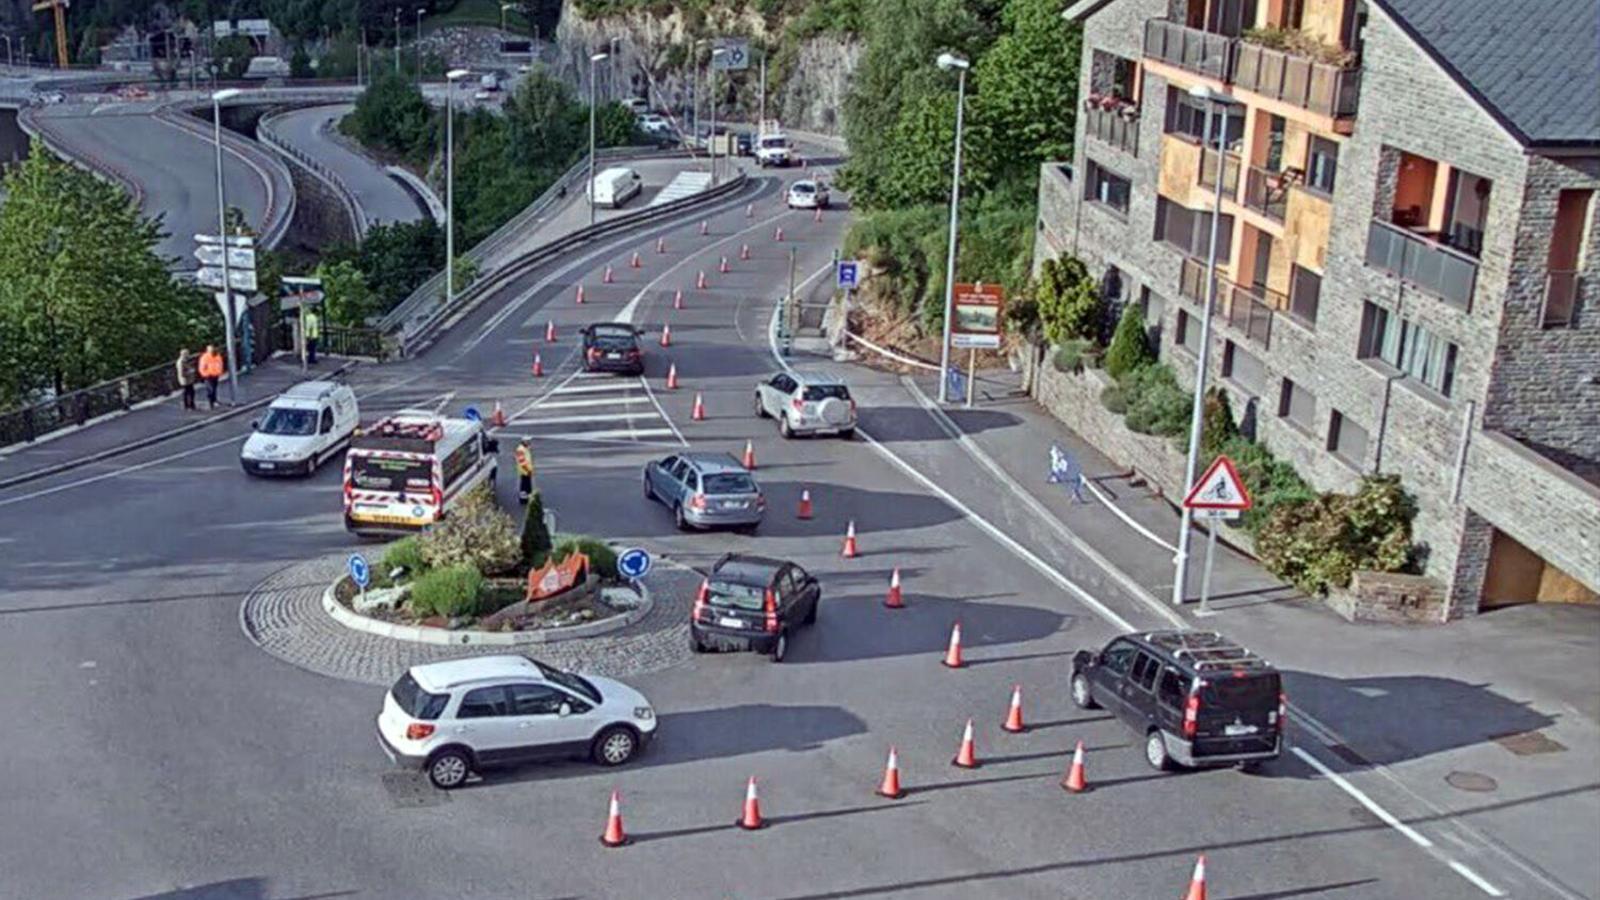 La zona on ha tingut lloc l'accident en una imatge d'arxiu. / ARXIU ANA